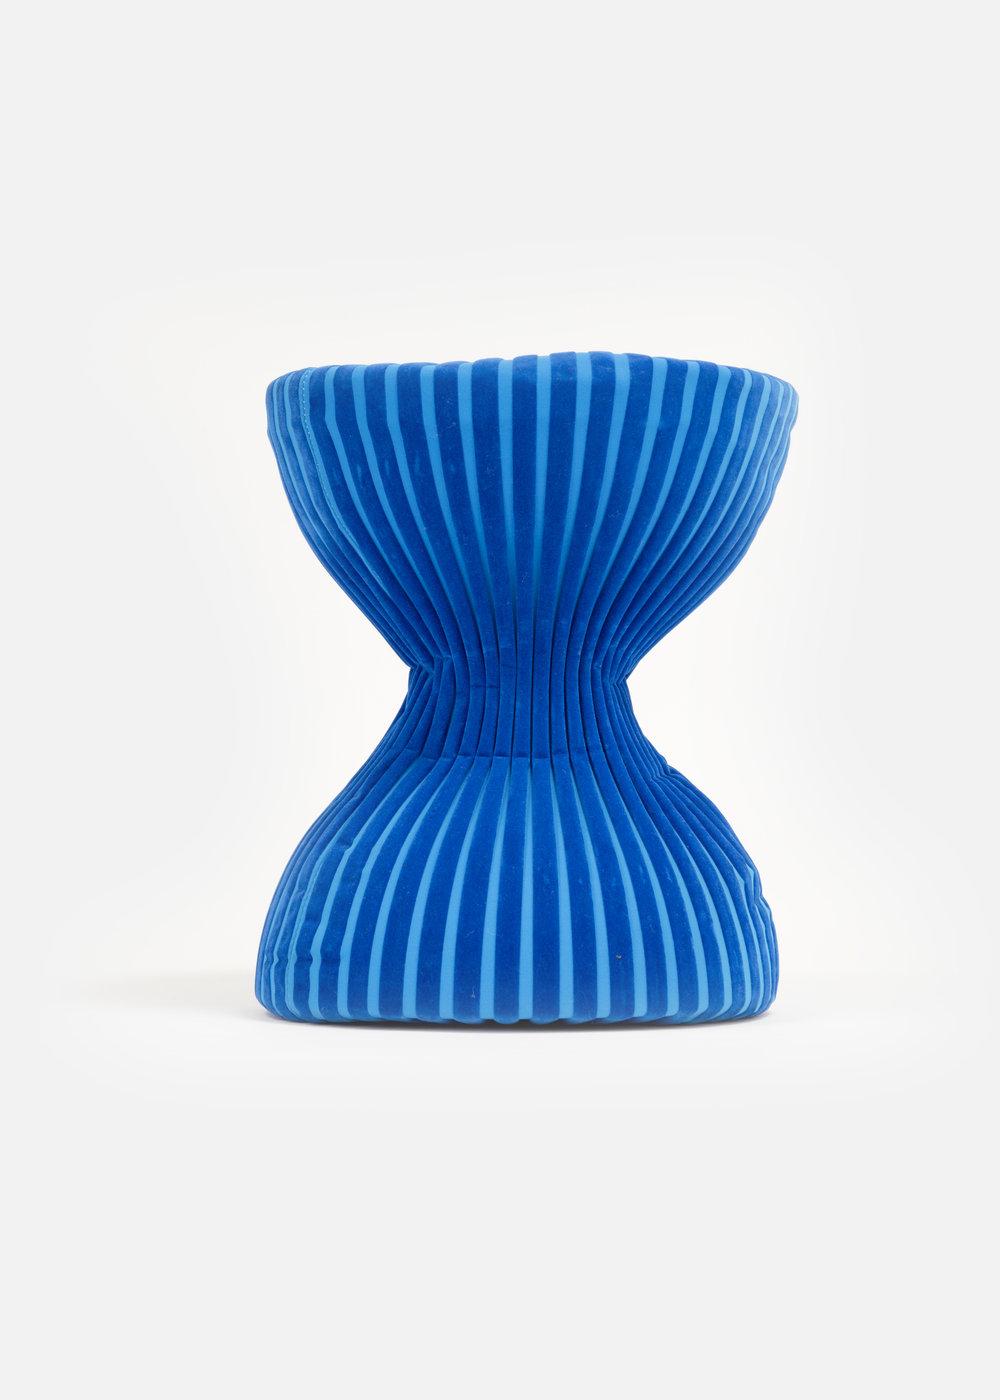 robin pleun maas shape and textile